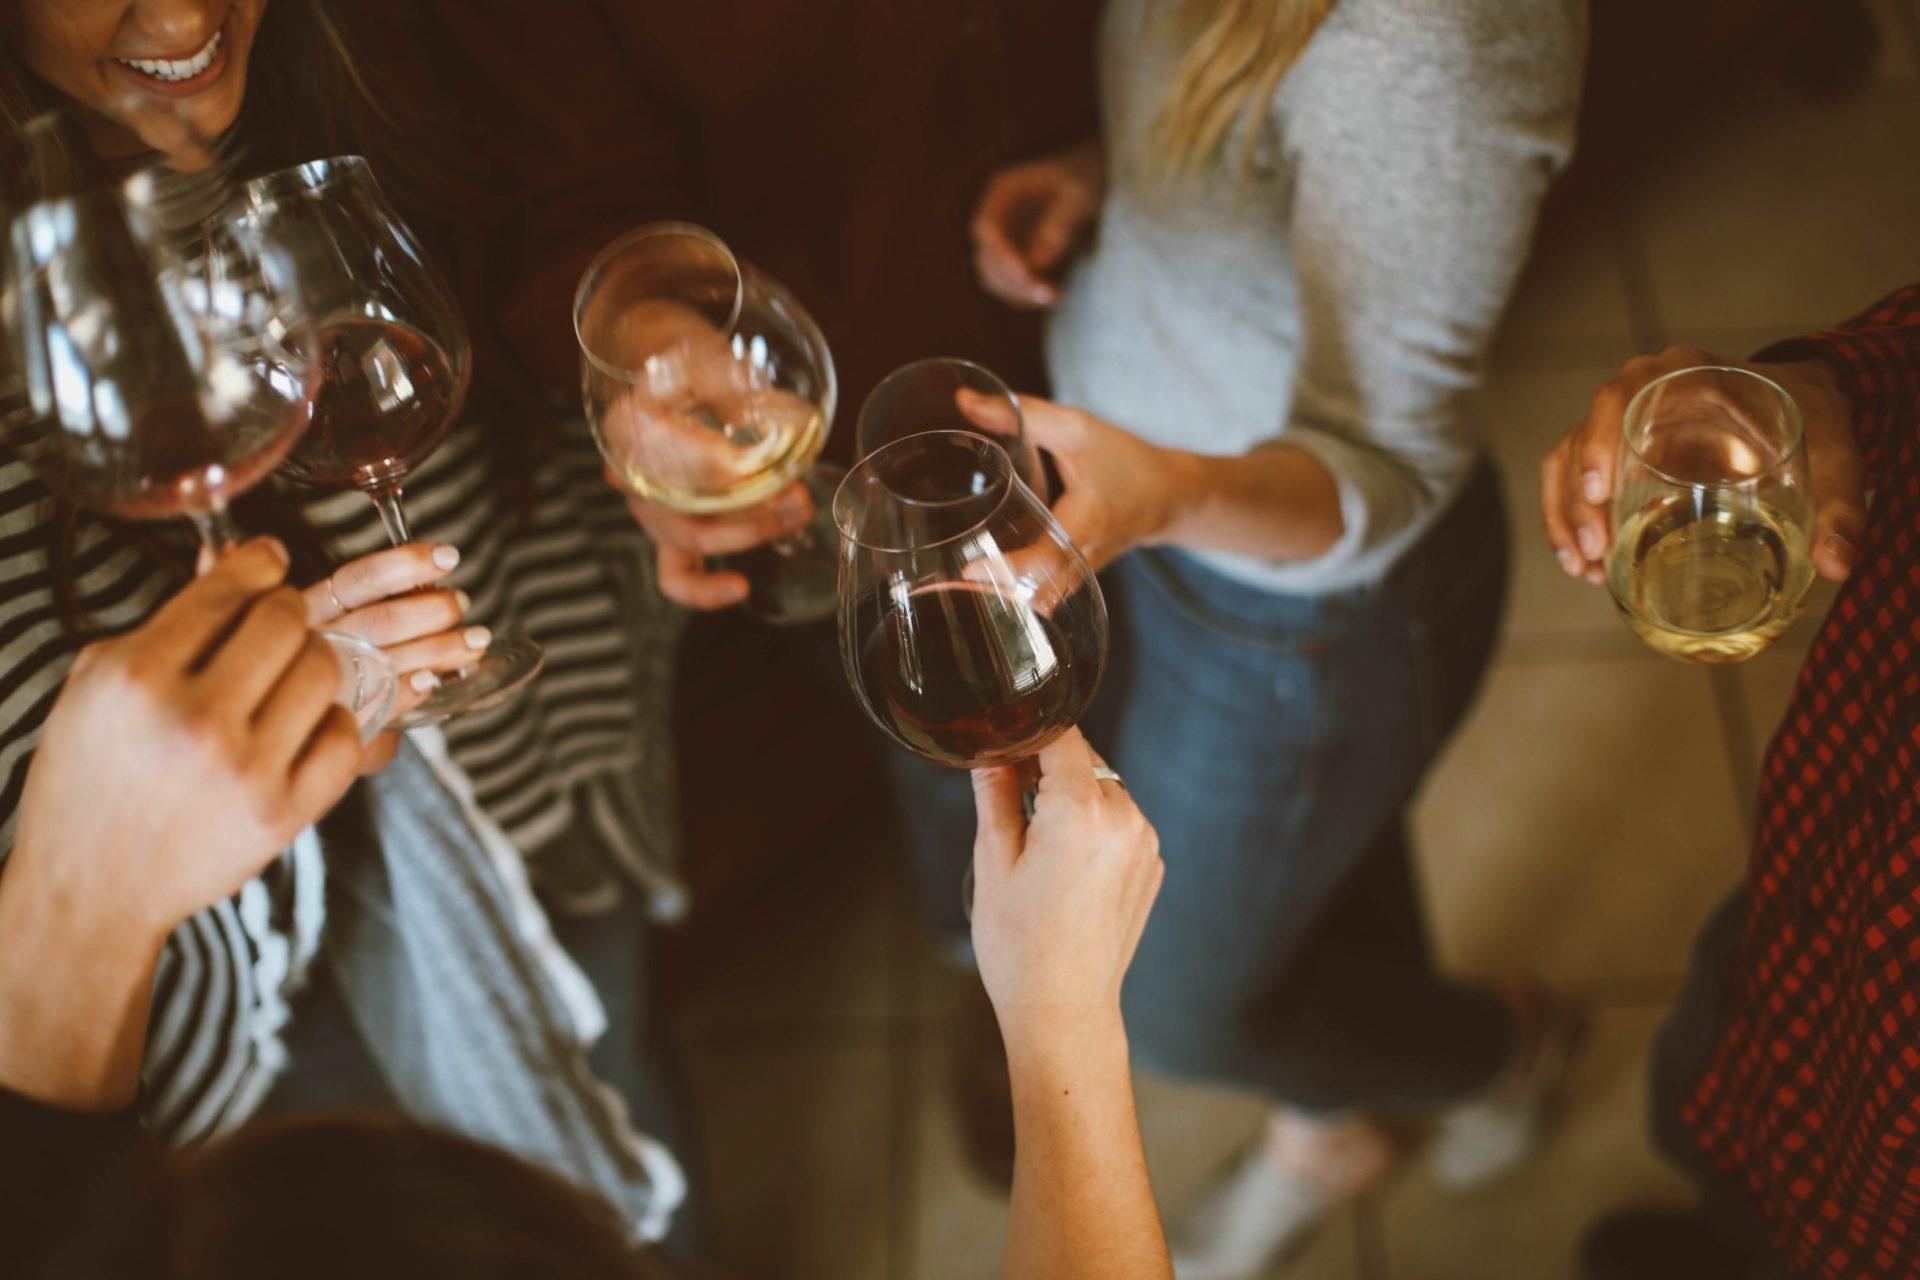 ワインを楽しく飲むための裏技教えます!